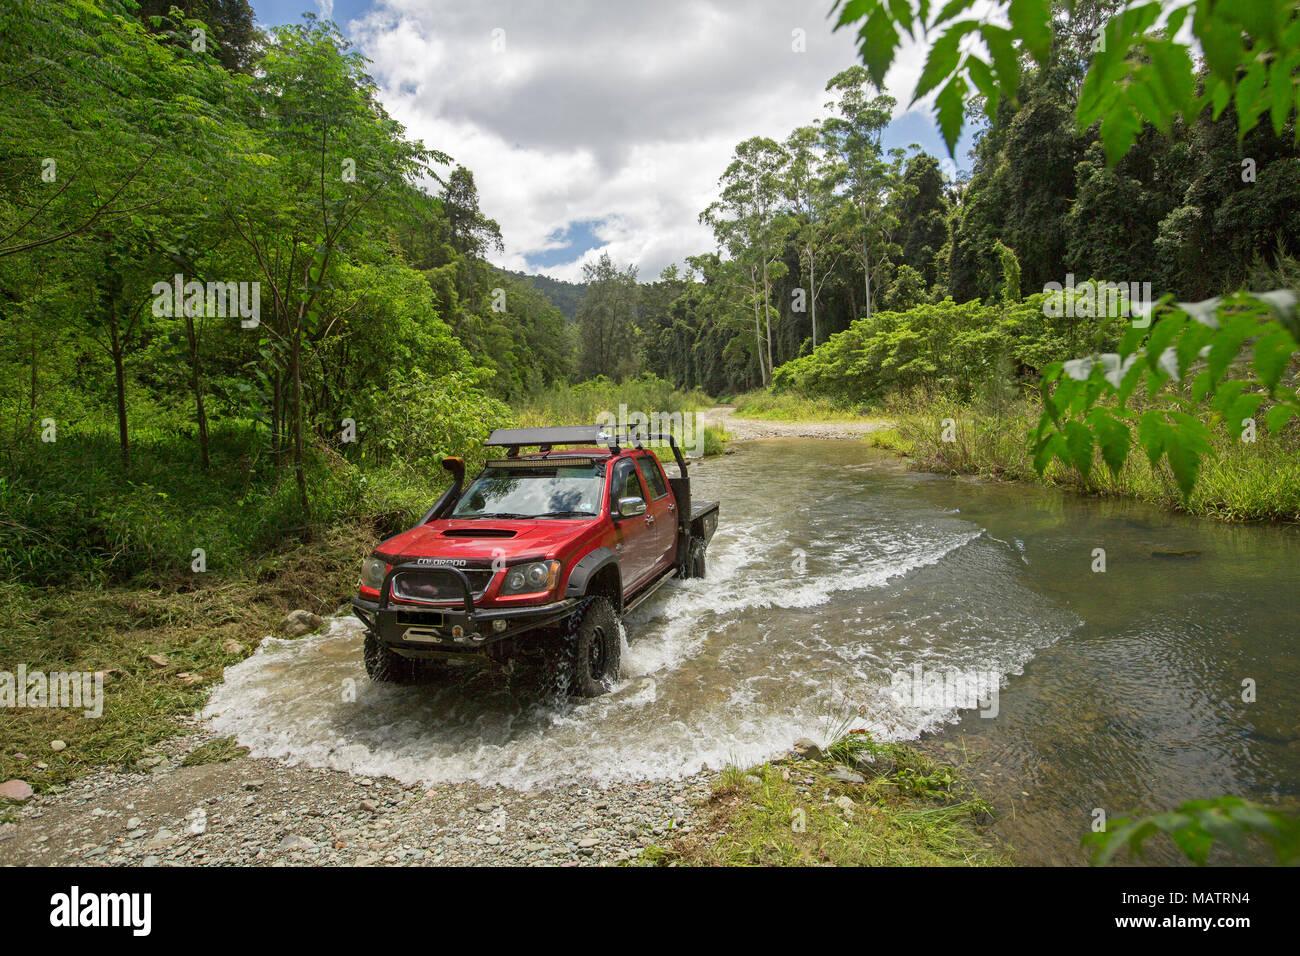 Red Allradantrieb Fahrzeug Kreuzung Creek mit smaragdgrünen Wäldern in Conondale Ranges National Park Queensland Australien gesäumt Stockbild